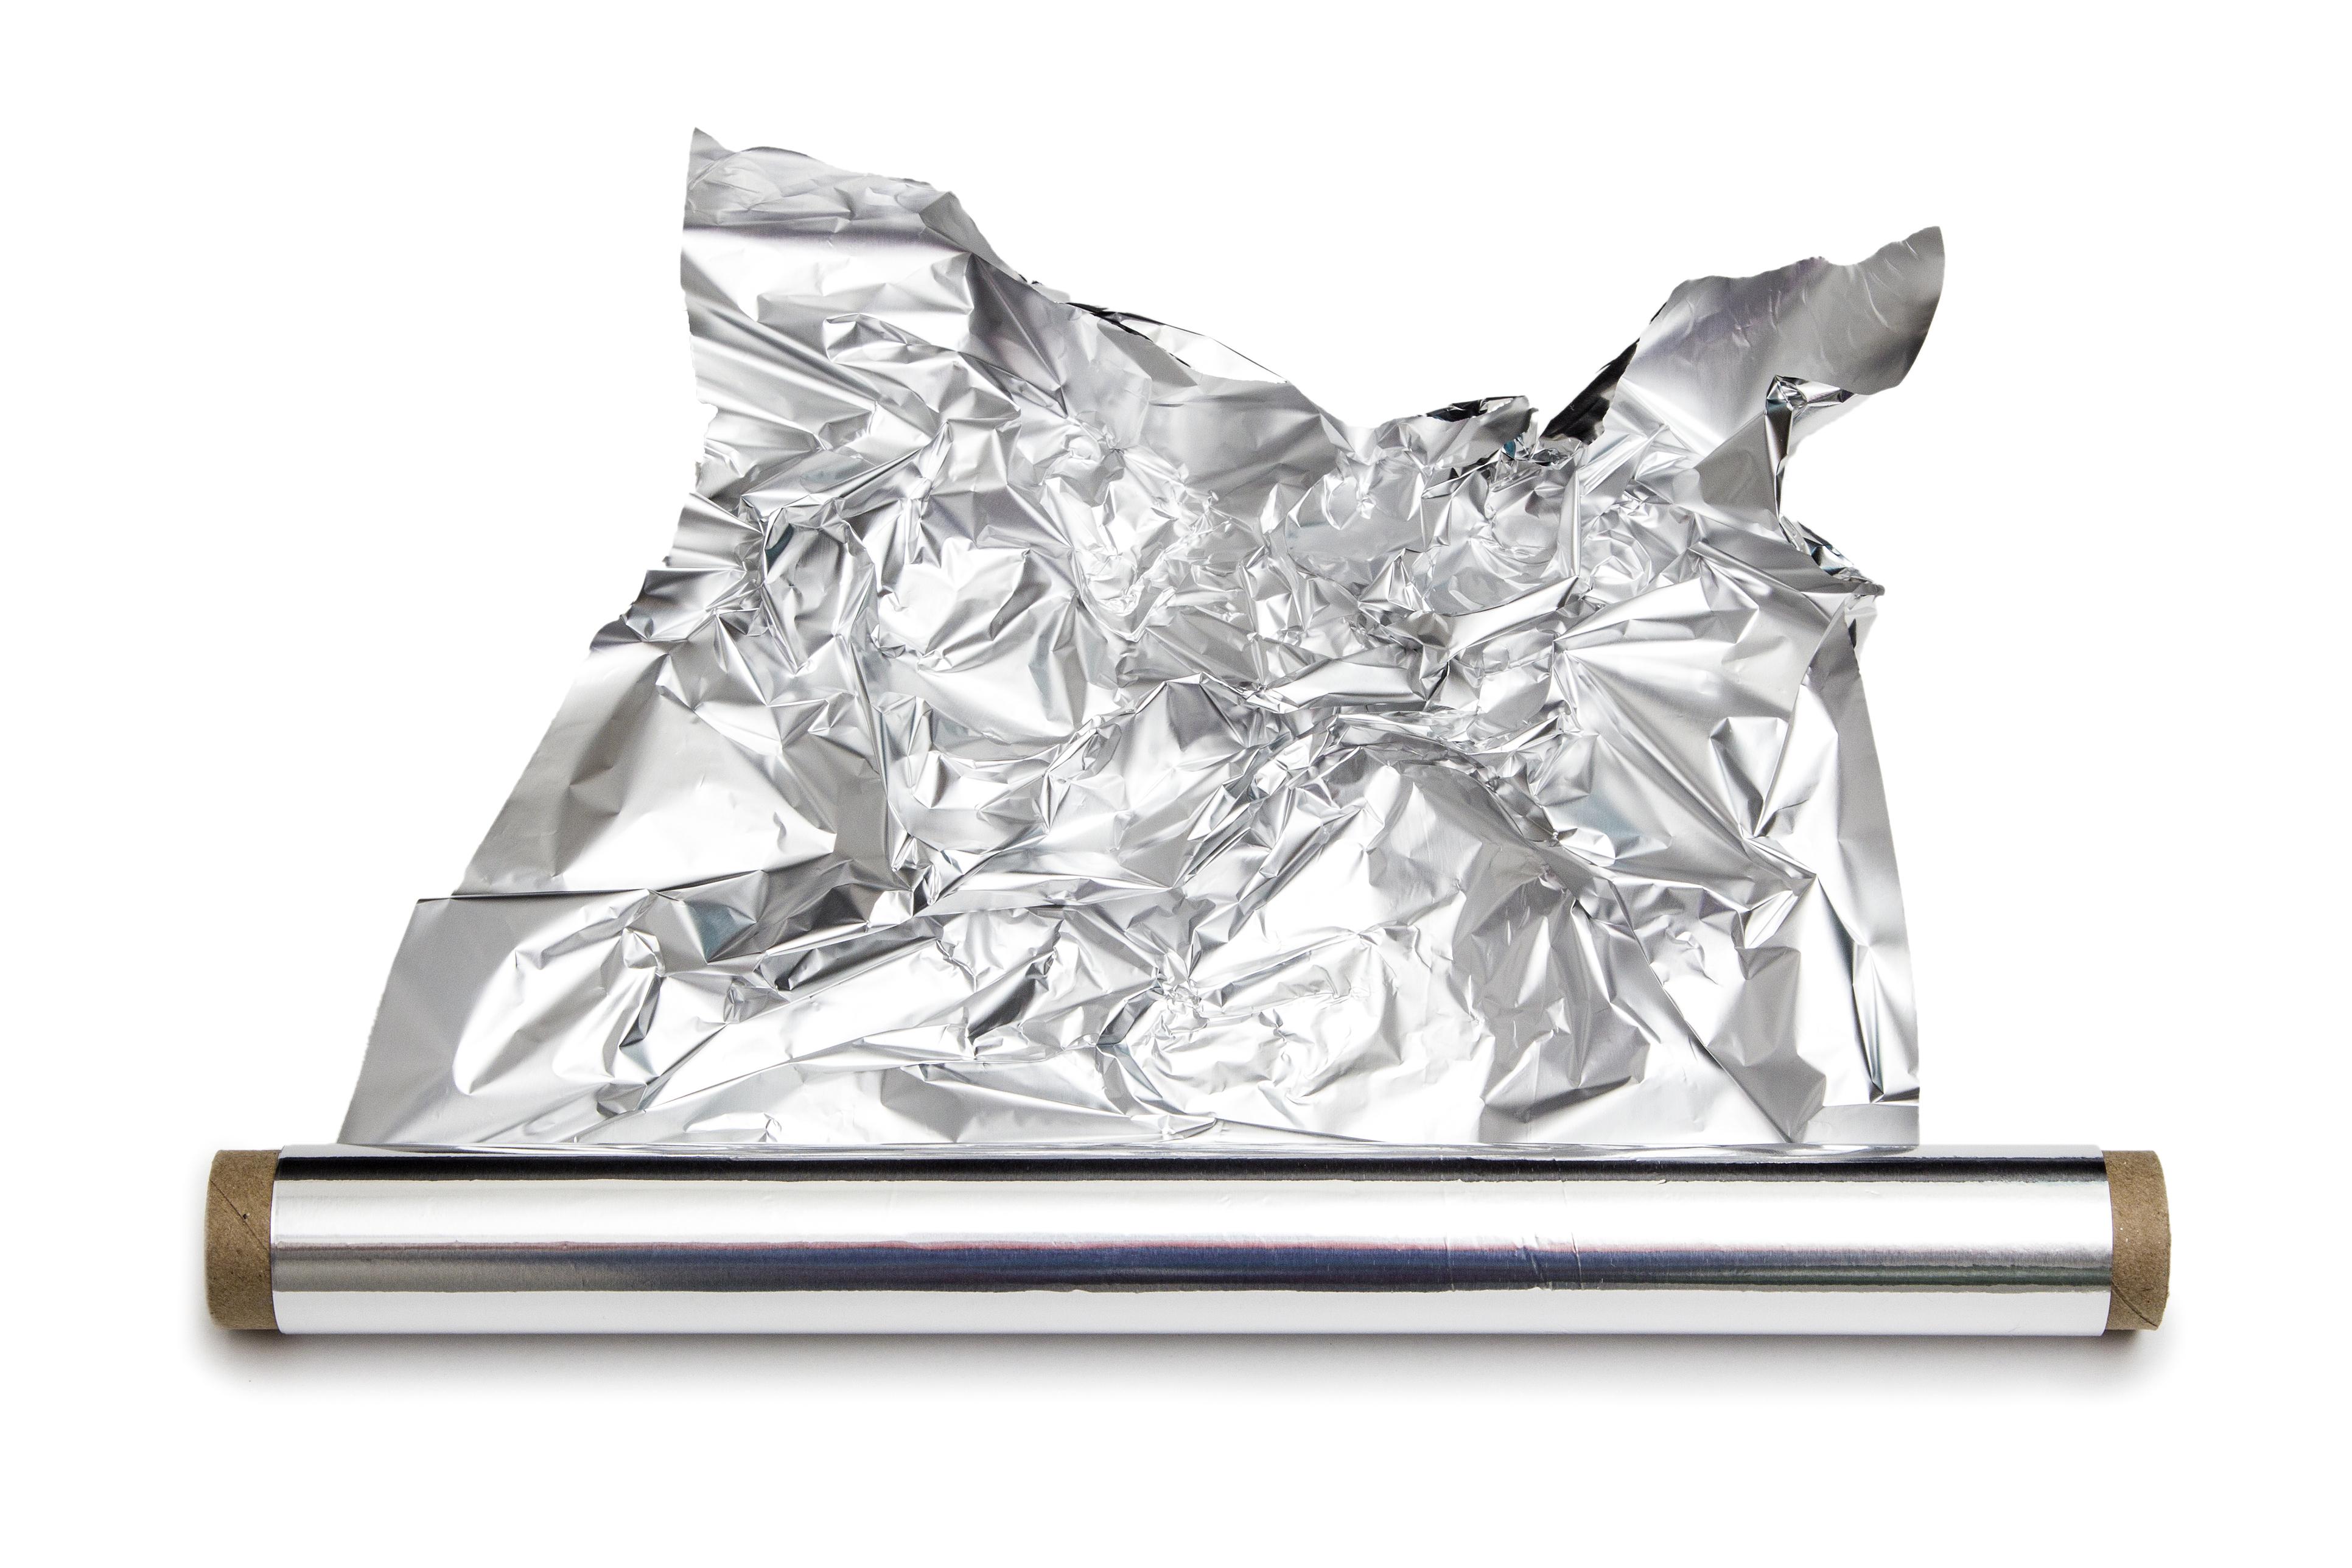 <p><strong>Алуминиево фолио.</strong></p>  <p>Всеки предмет, който има съдържание на метали, е опасен за микровълновата ви.&nbsp;</p>